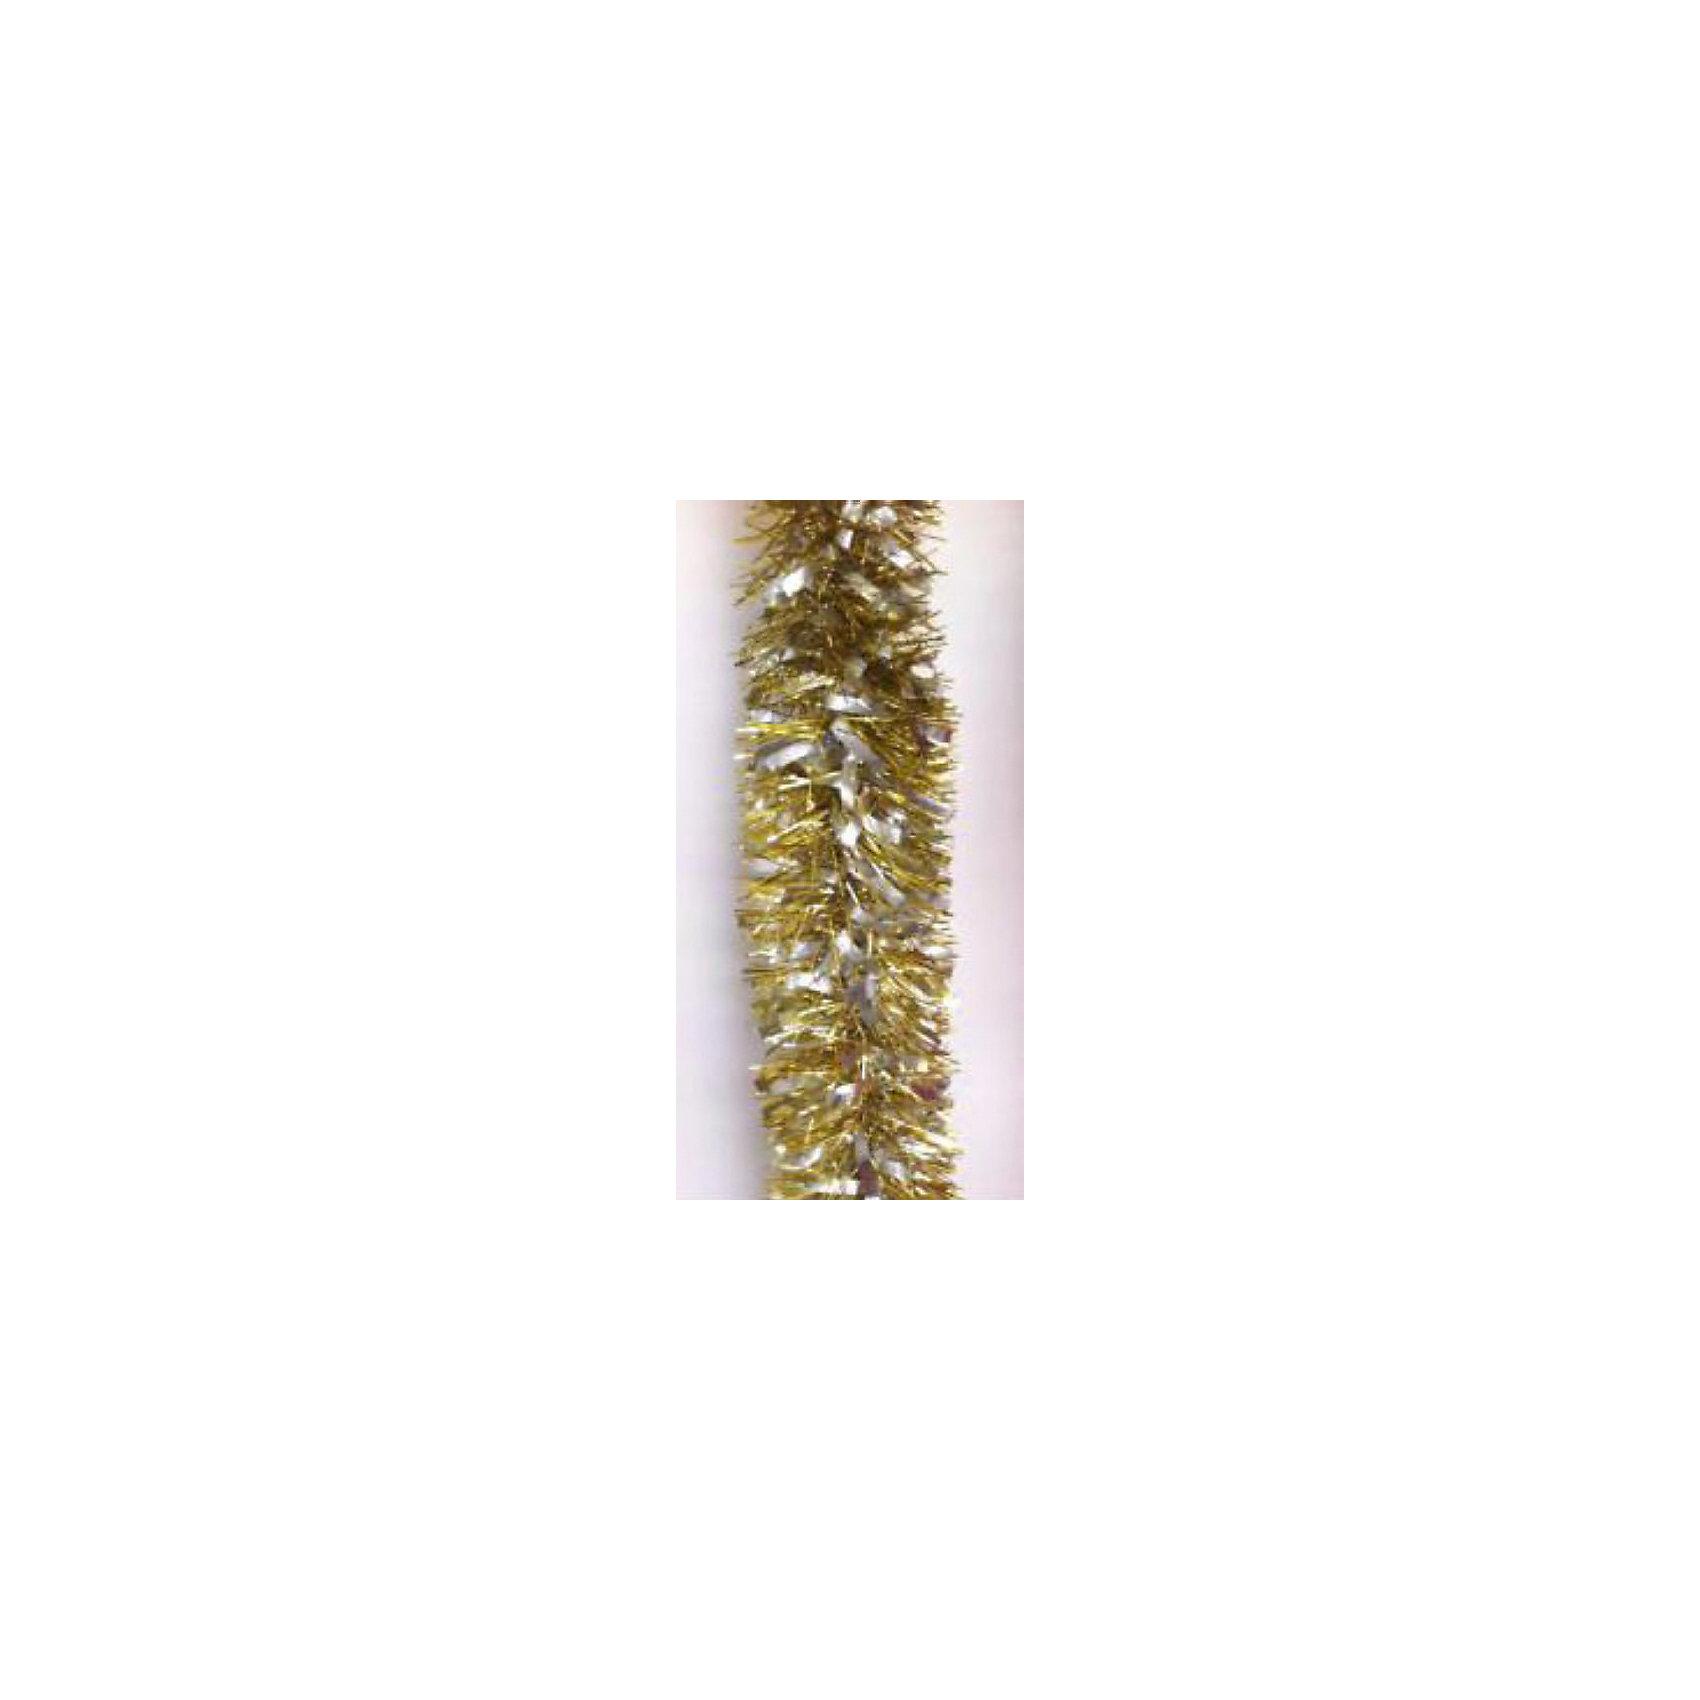 Золотая мишура 9*200 смНовинки Новый Год<br>Золотая мишура, Феникс-Презент, станет замечательным украшением Вашей новогодней елки или интерьера и поможет создать праздничную волшебную атмосферу. Мишура красивого золотистого цвета выполнена в виде скрученной косички. Внутри имеется проволока,<br>позволяющая ей хорошо сохранять форму. Золотая мишура будет чудесно смотреться на елке и радовать детей и взрослых. <br><br><br>Дополнительная информация:<br><br>- Цвет: золото.<br>- Материал: ПЭТ (полиэтилентерефталат).<br>- Размер мишуры: 9 х 200 см.<br>- Вес: 38 гр. <br><br>Золотую мишуру 9*200 см., Феникс-Презент, можно купить в нашем интернет-магазине.<br><br>Ширина мм: 20<br>Глубина мм: 200<br>Высота мм: 90<br>Вес г: 38<br>Возраст от месяцев: 36<br>Возраст до месяцев: 2147483647<br>Пол: Унисекс<br>Возраст: Детский<br>SKU: 4274709